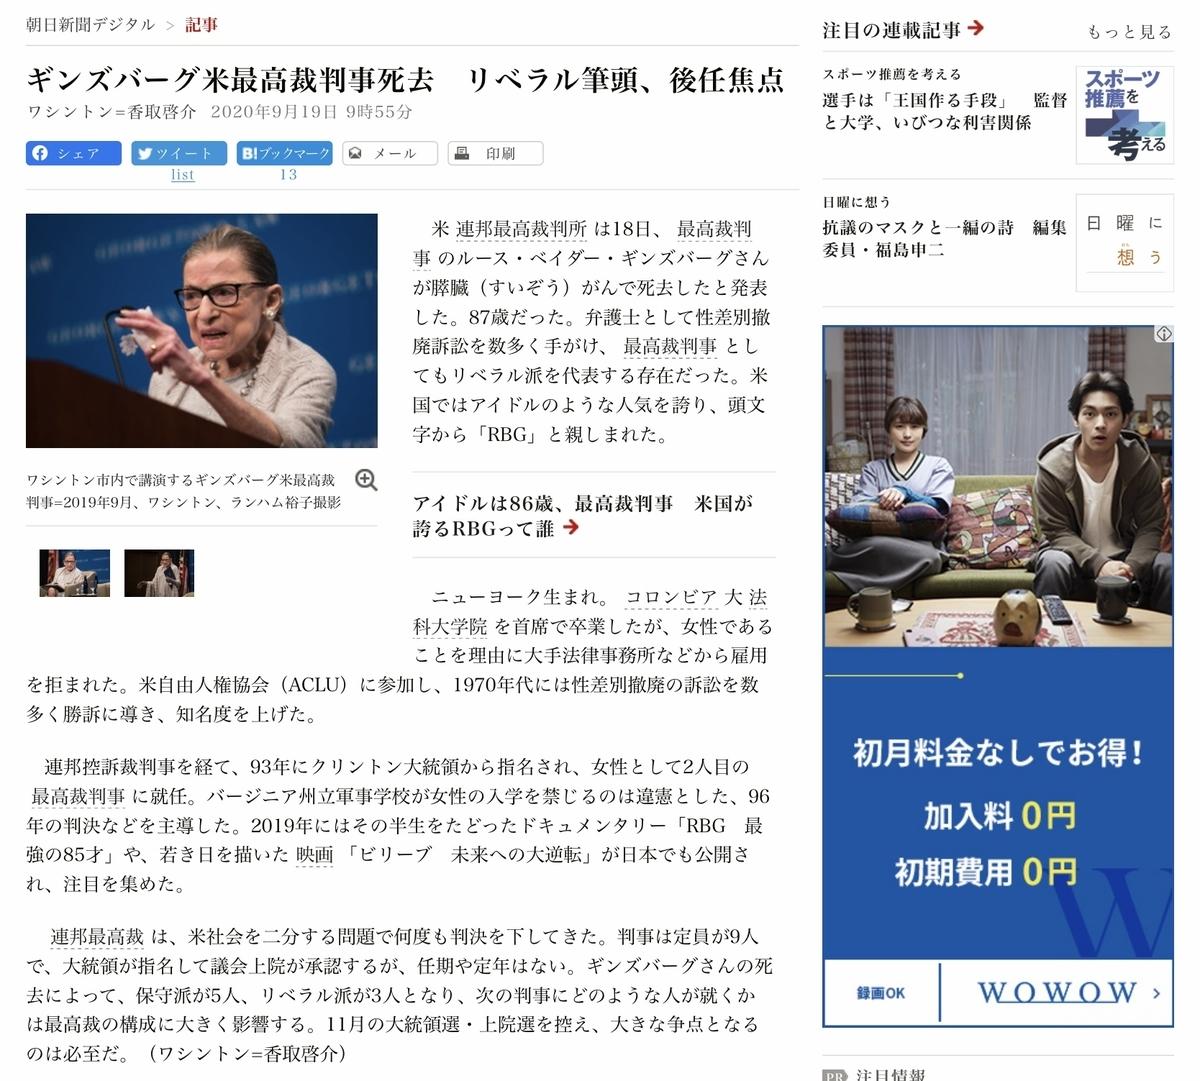 f:id:yujiro-1:20200928054934j:plain